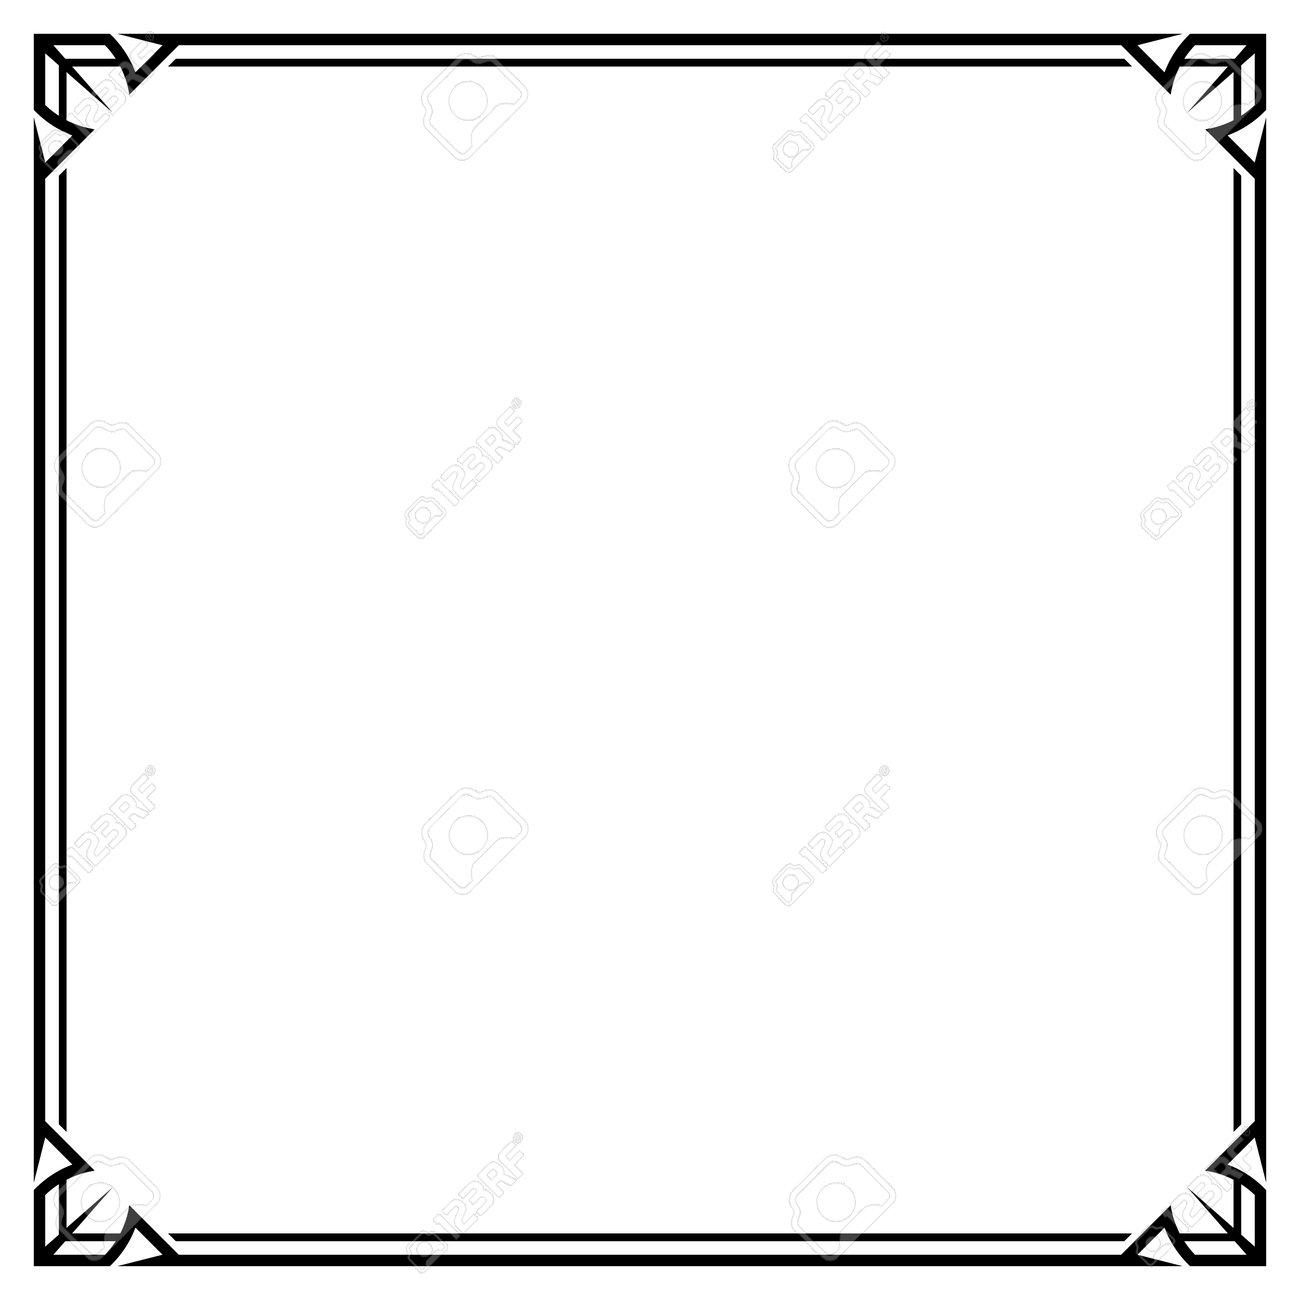 Frame Border Line Vector Simple Design, Black Square Shape - 168779556